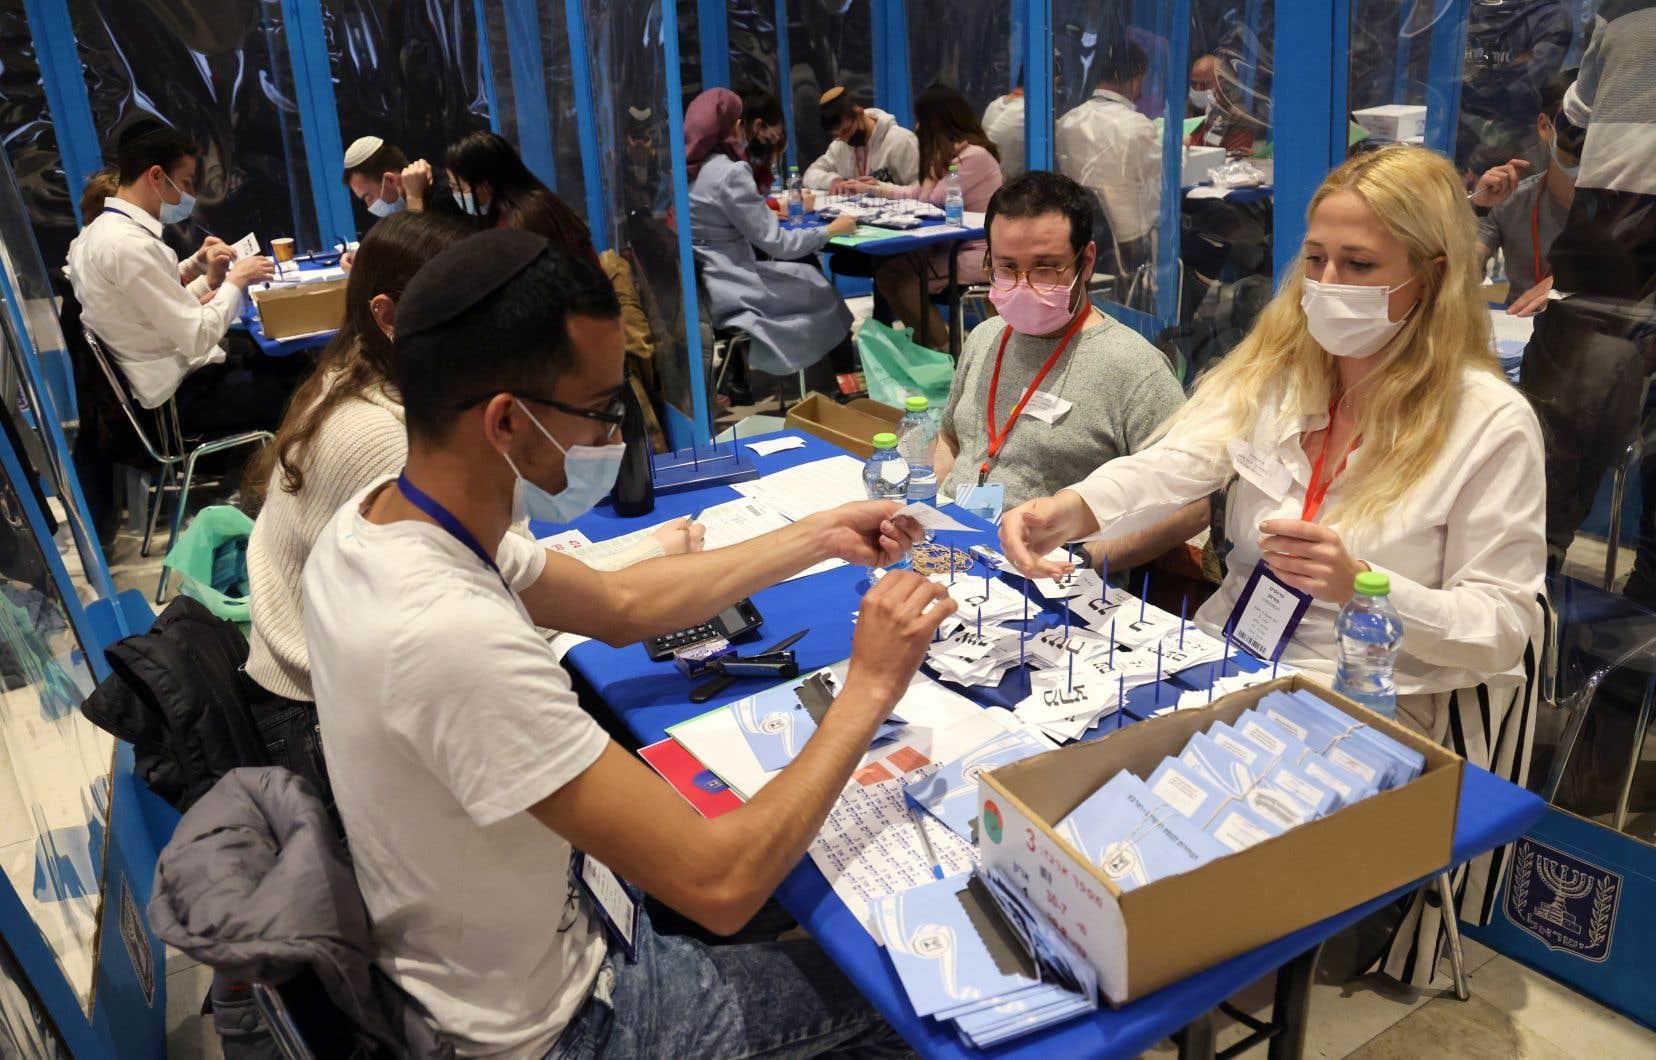 Avec 99,5% des bulletins de vote dépouillés, le Likoud obtient 24% des suffrages, suivi par la formation Yesh Atid avec près de 14% des voix, selon les données officielles de la commission électorale.